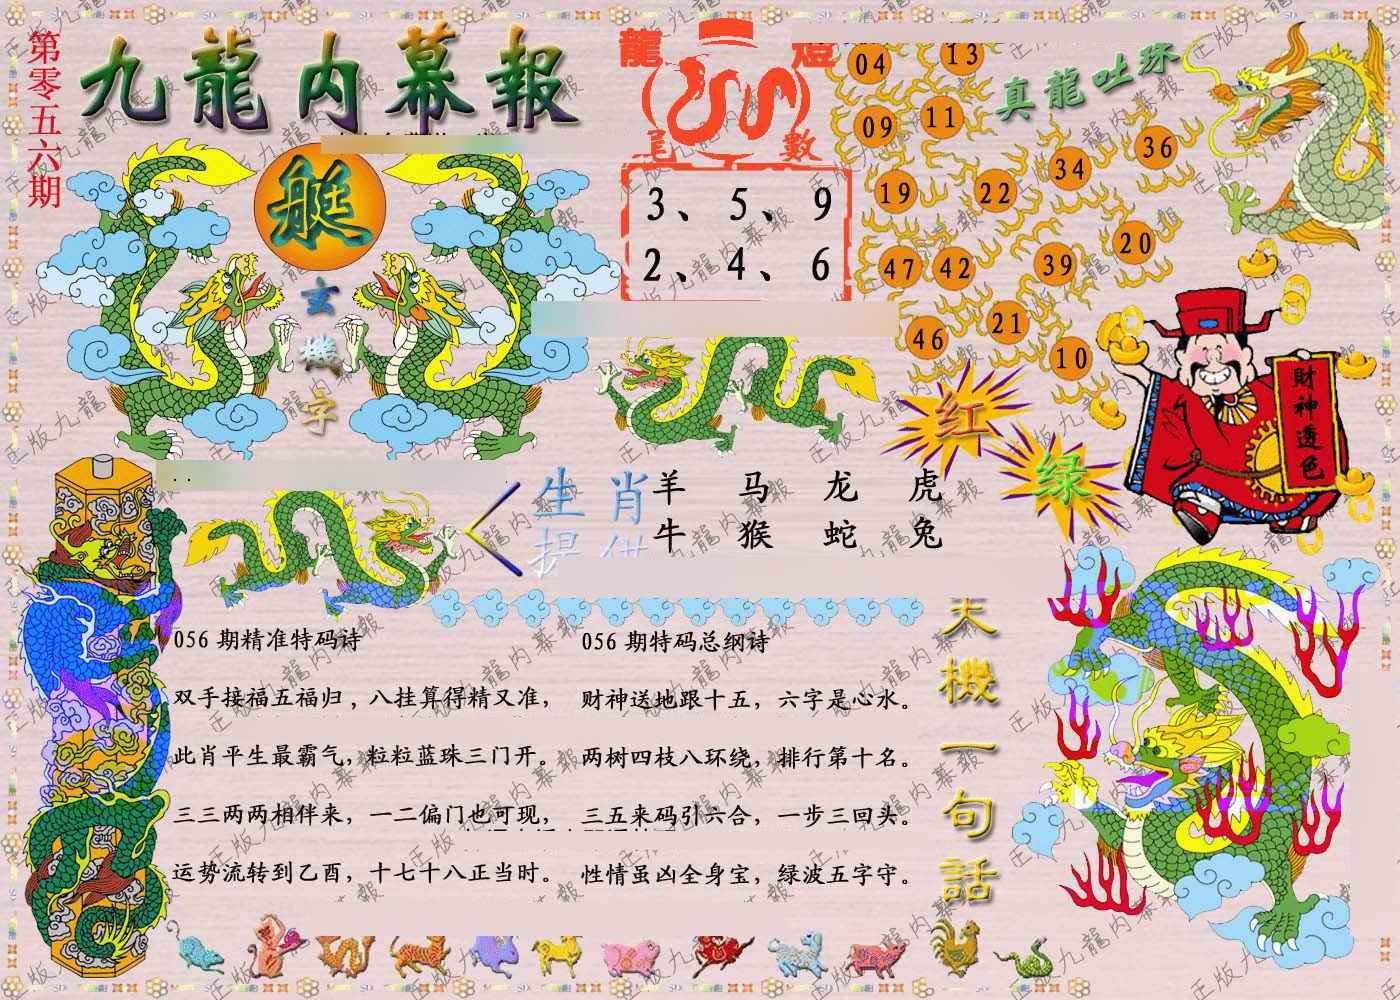 056期正版九龙内幕报